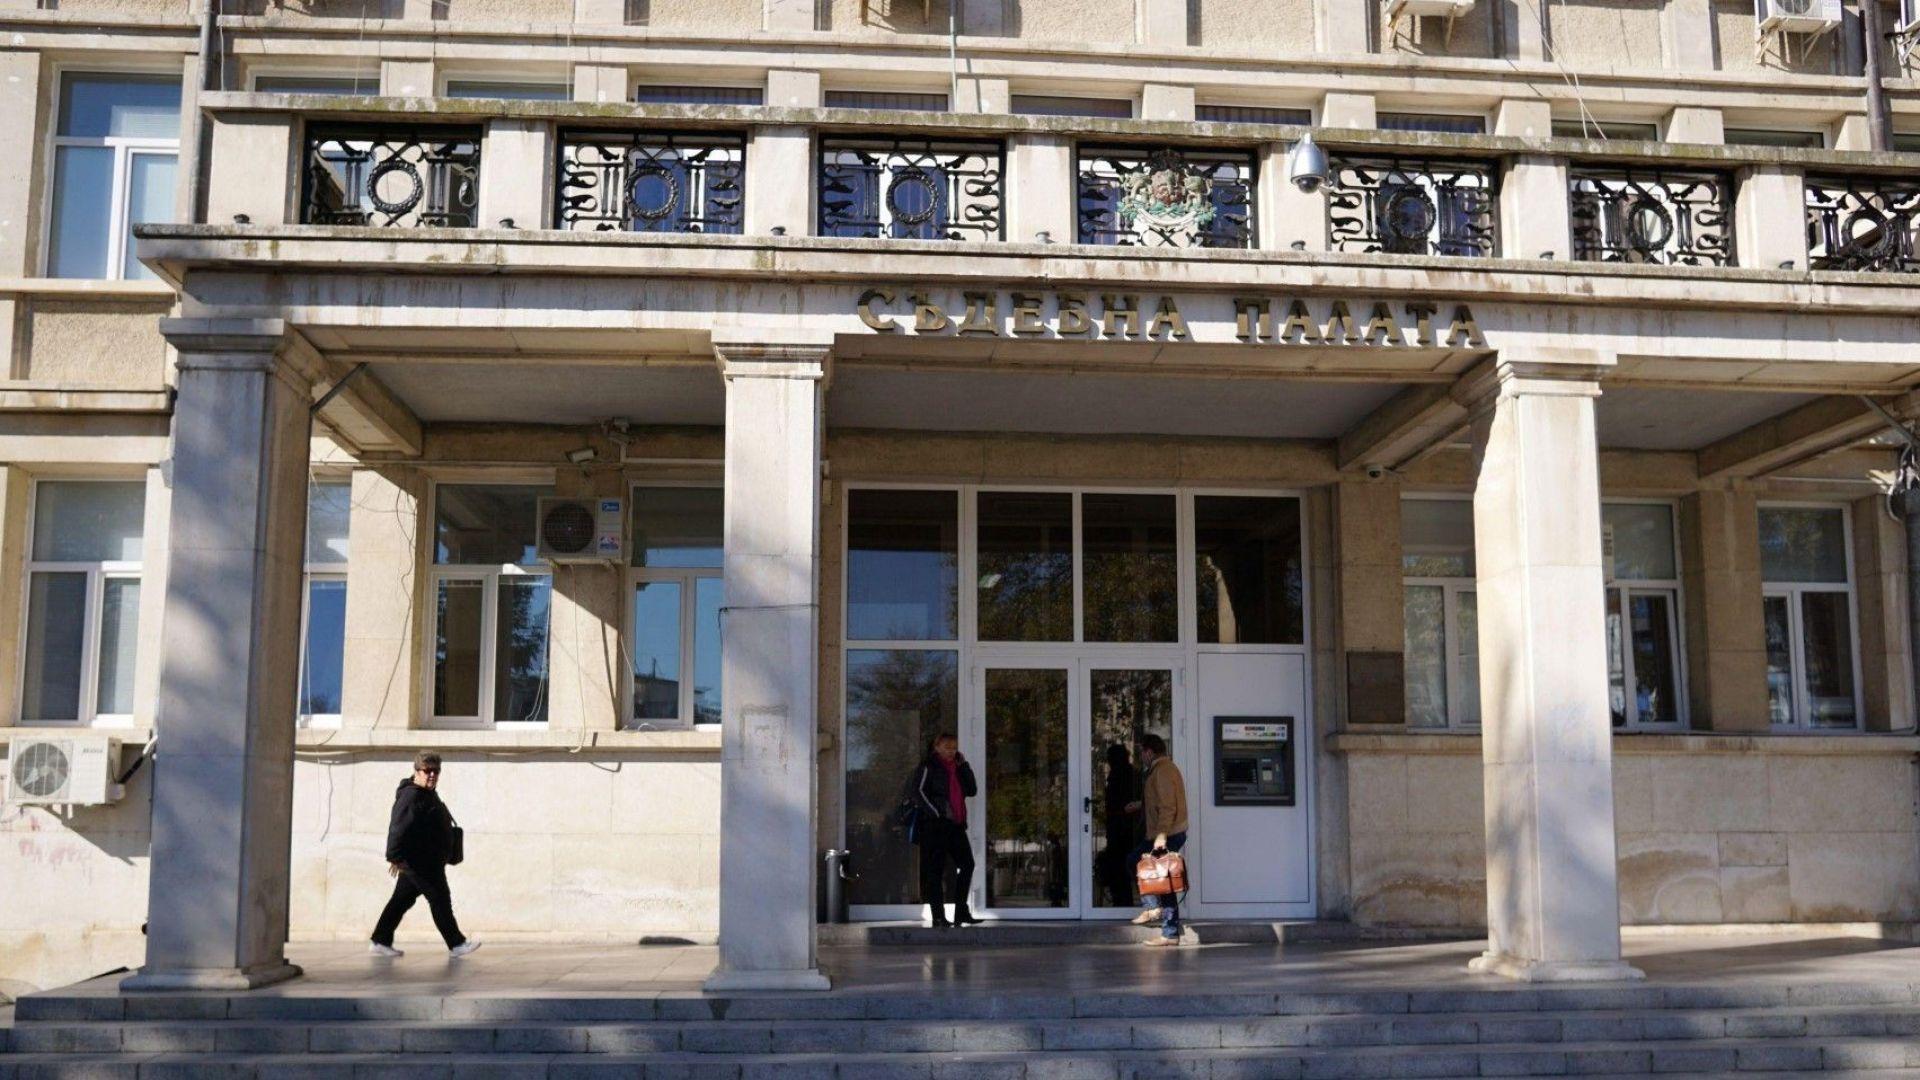 Двама осъдени за рухналия хотел Вероника, Прокуратурата протестира решението